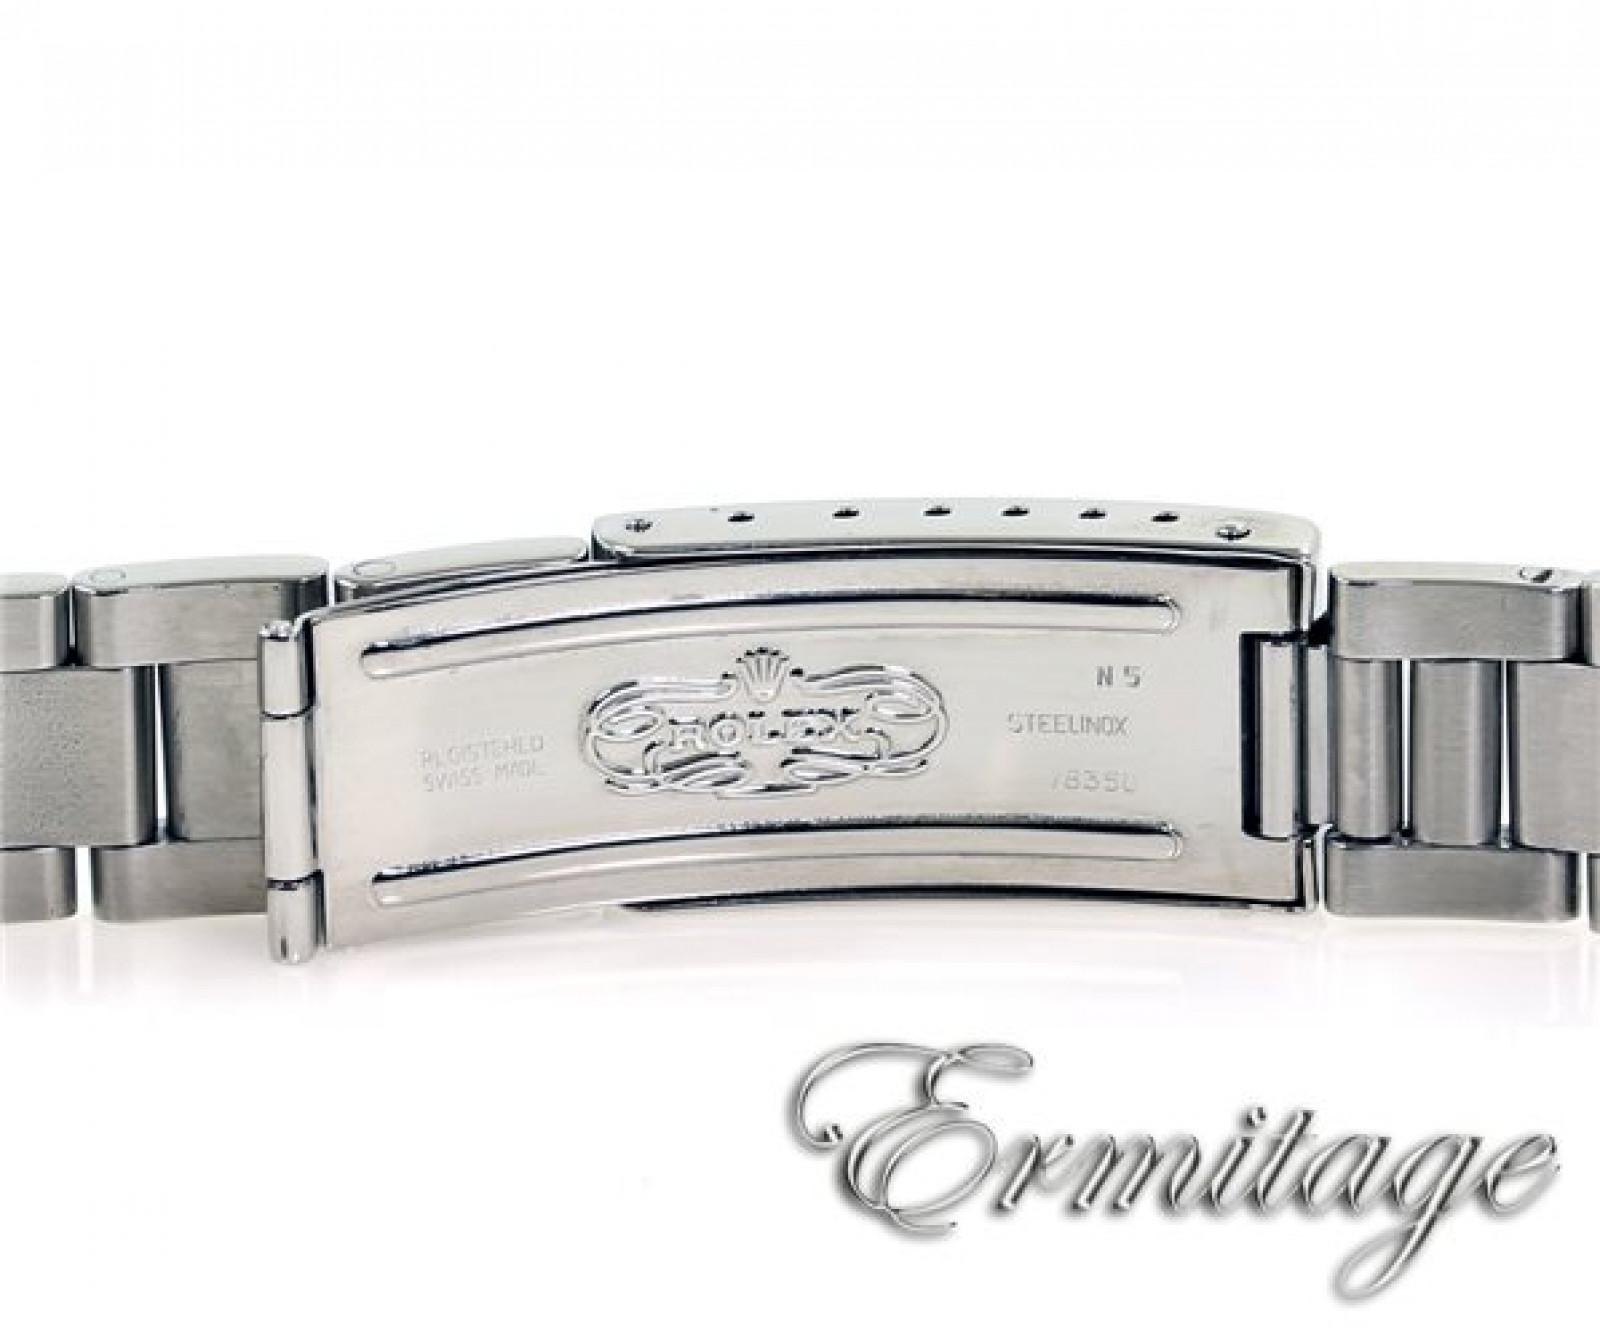 Vintage Rolex Date 1500 Steel Year 1973